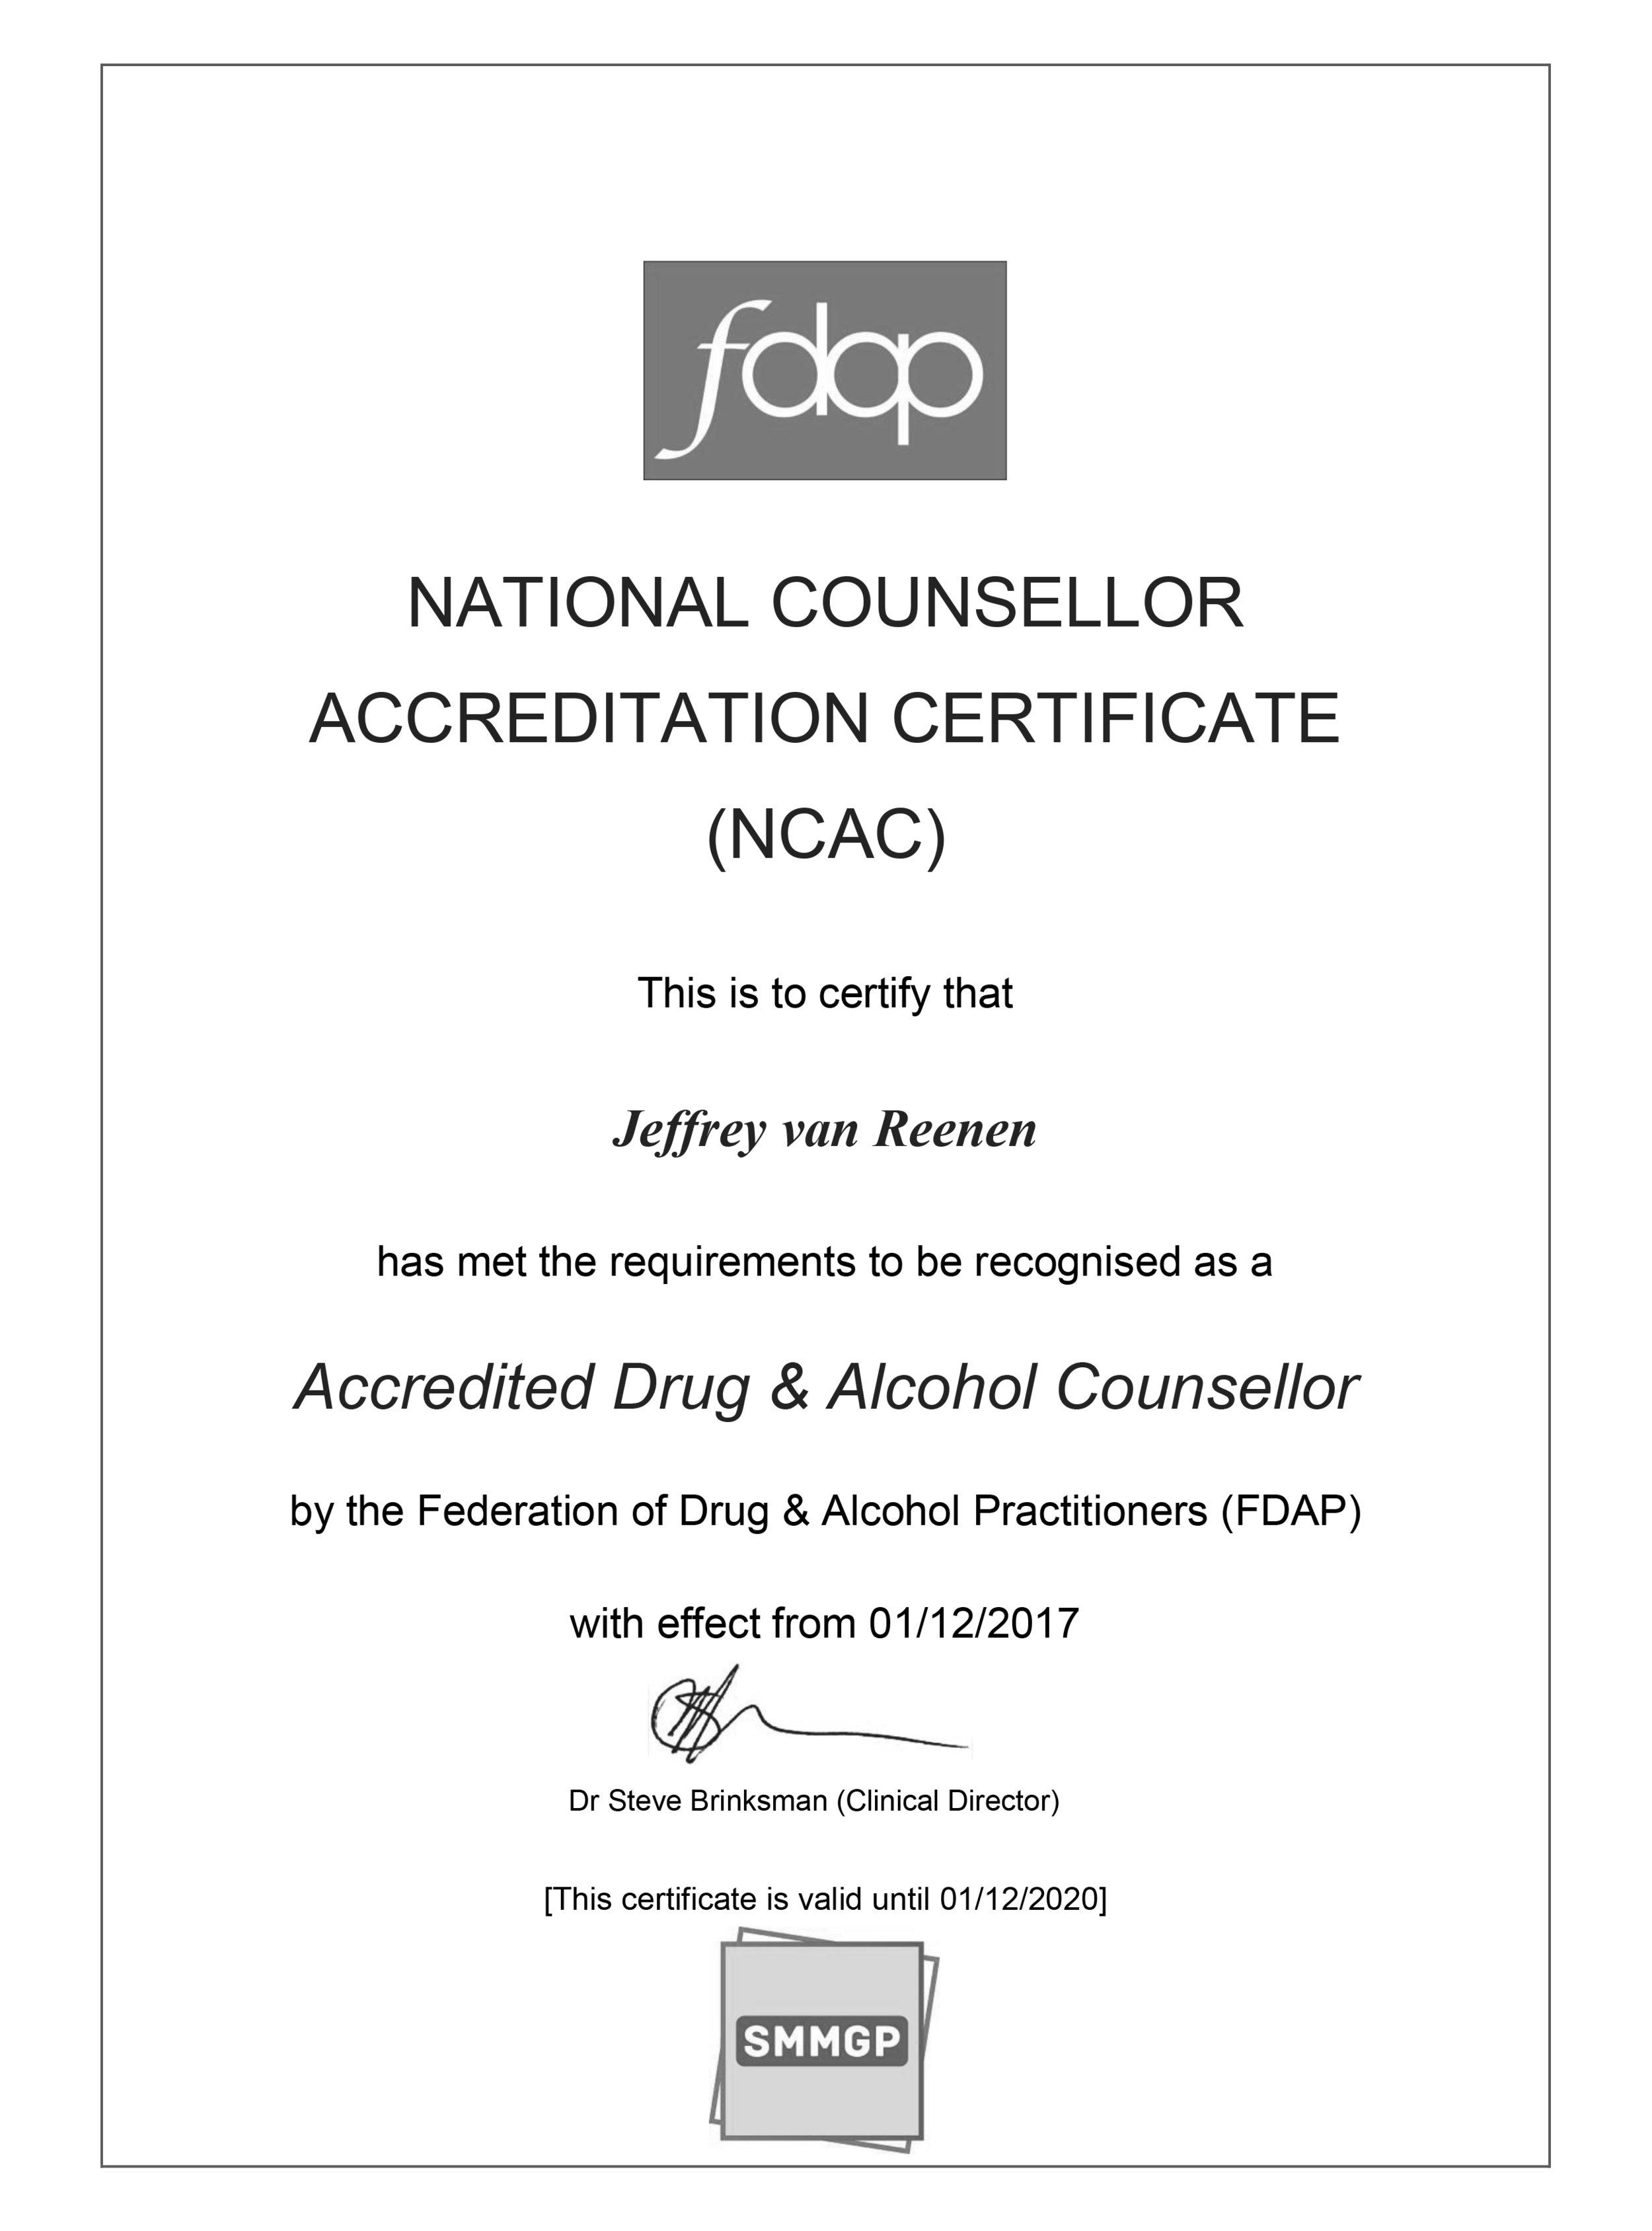 Jeffrey van Reenen NCAC Certificate.jpg